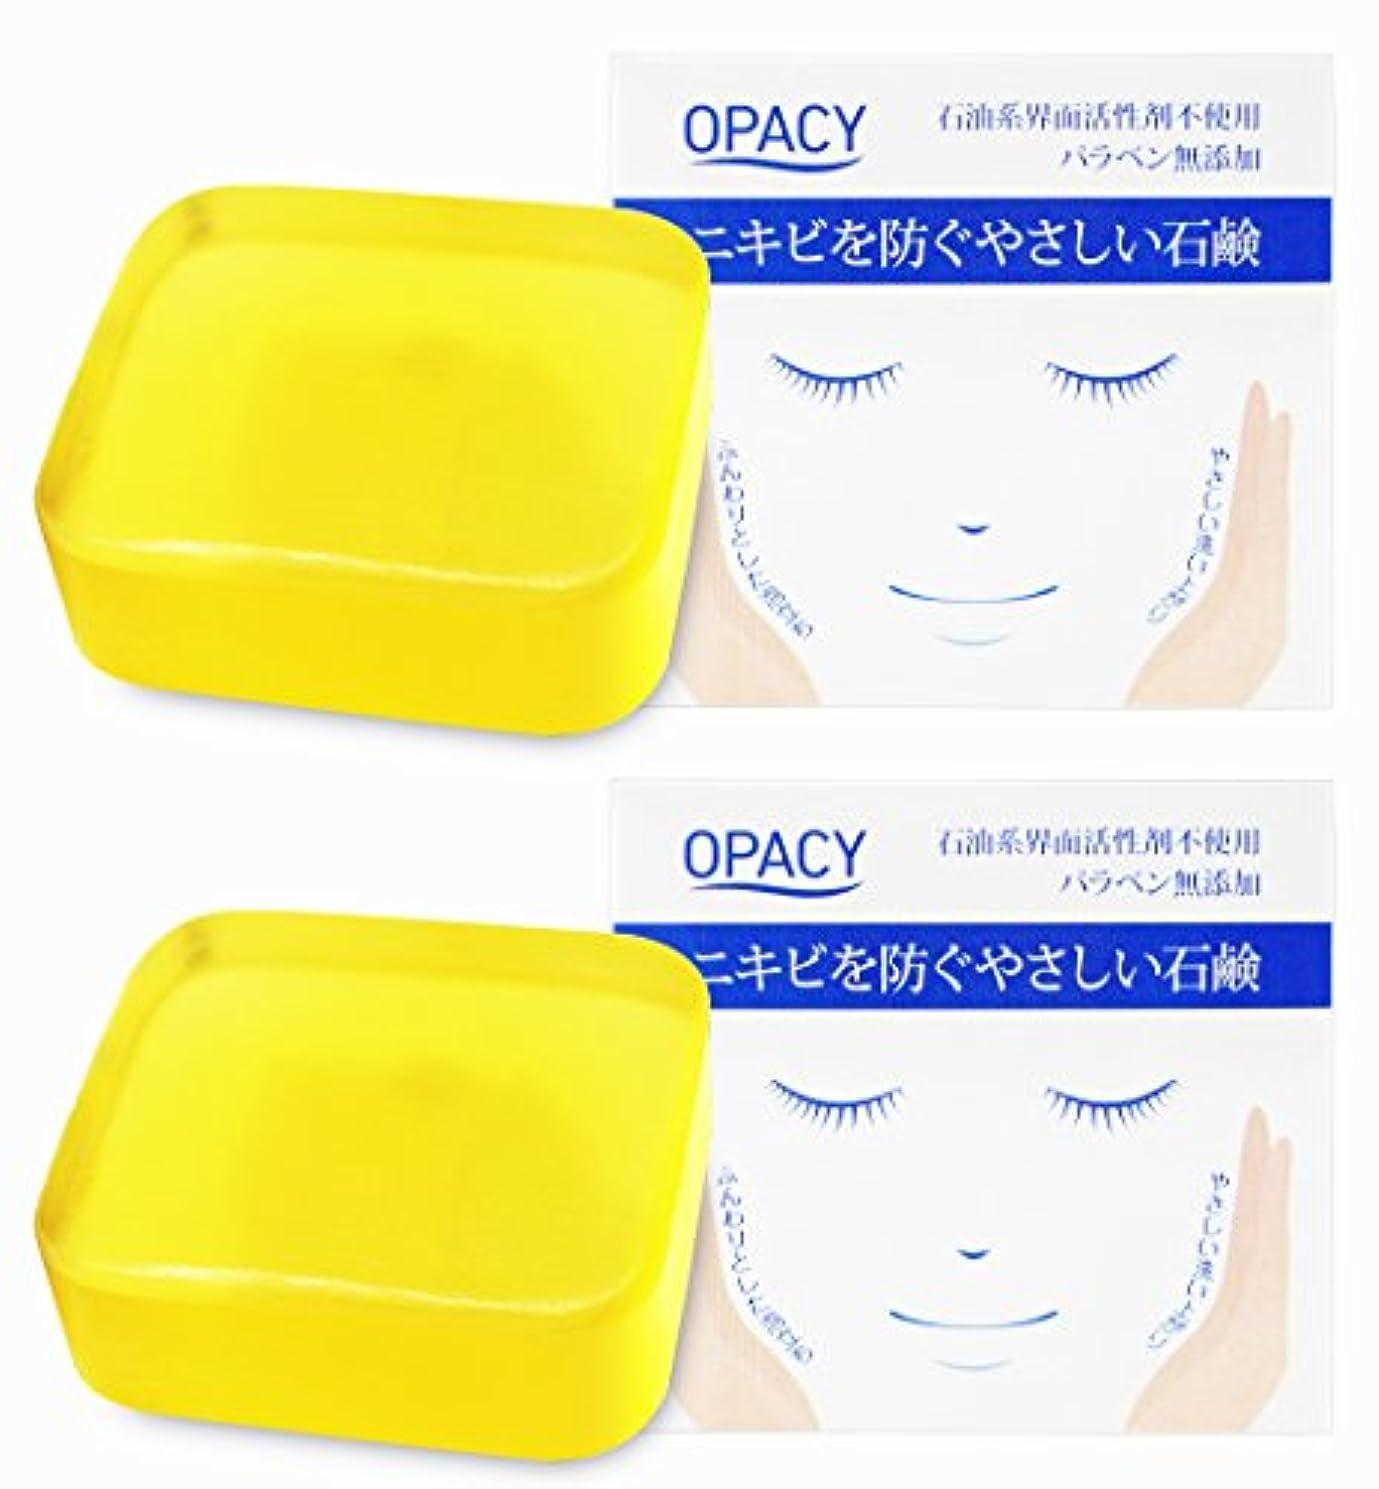 配偶者追い払う輪郭【2個セット】オパシー石鹸100g (2個)